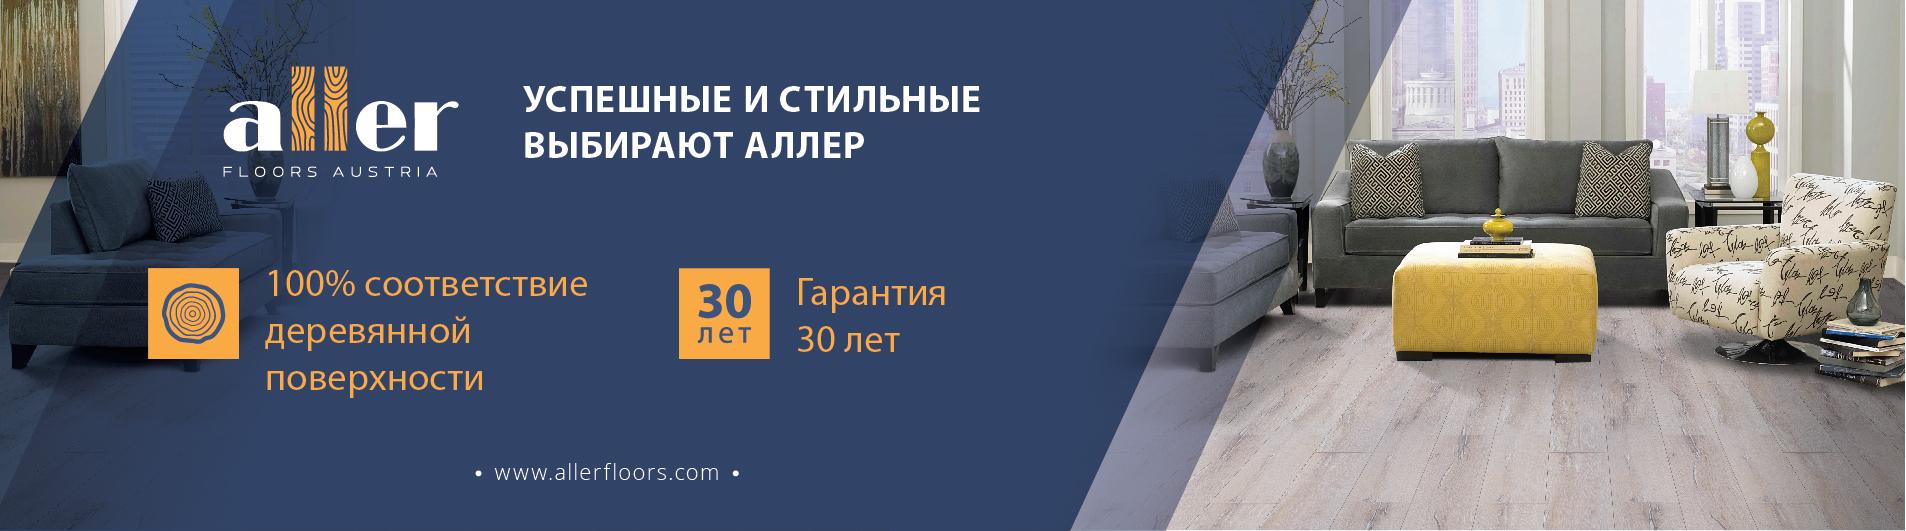 австрийский ламинат Aller, купить ламинат  Aller дешево в Одессе, ламинат Аллер